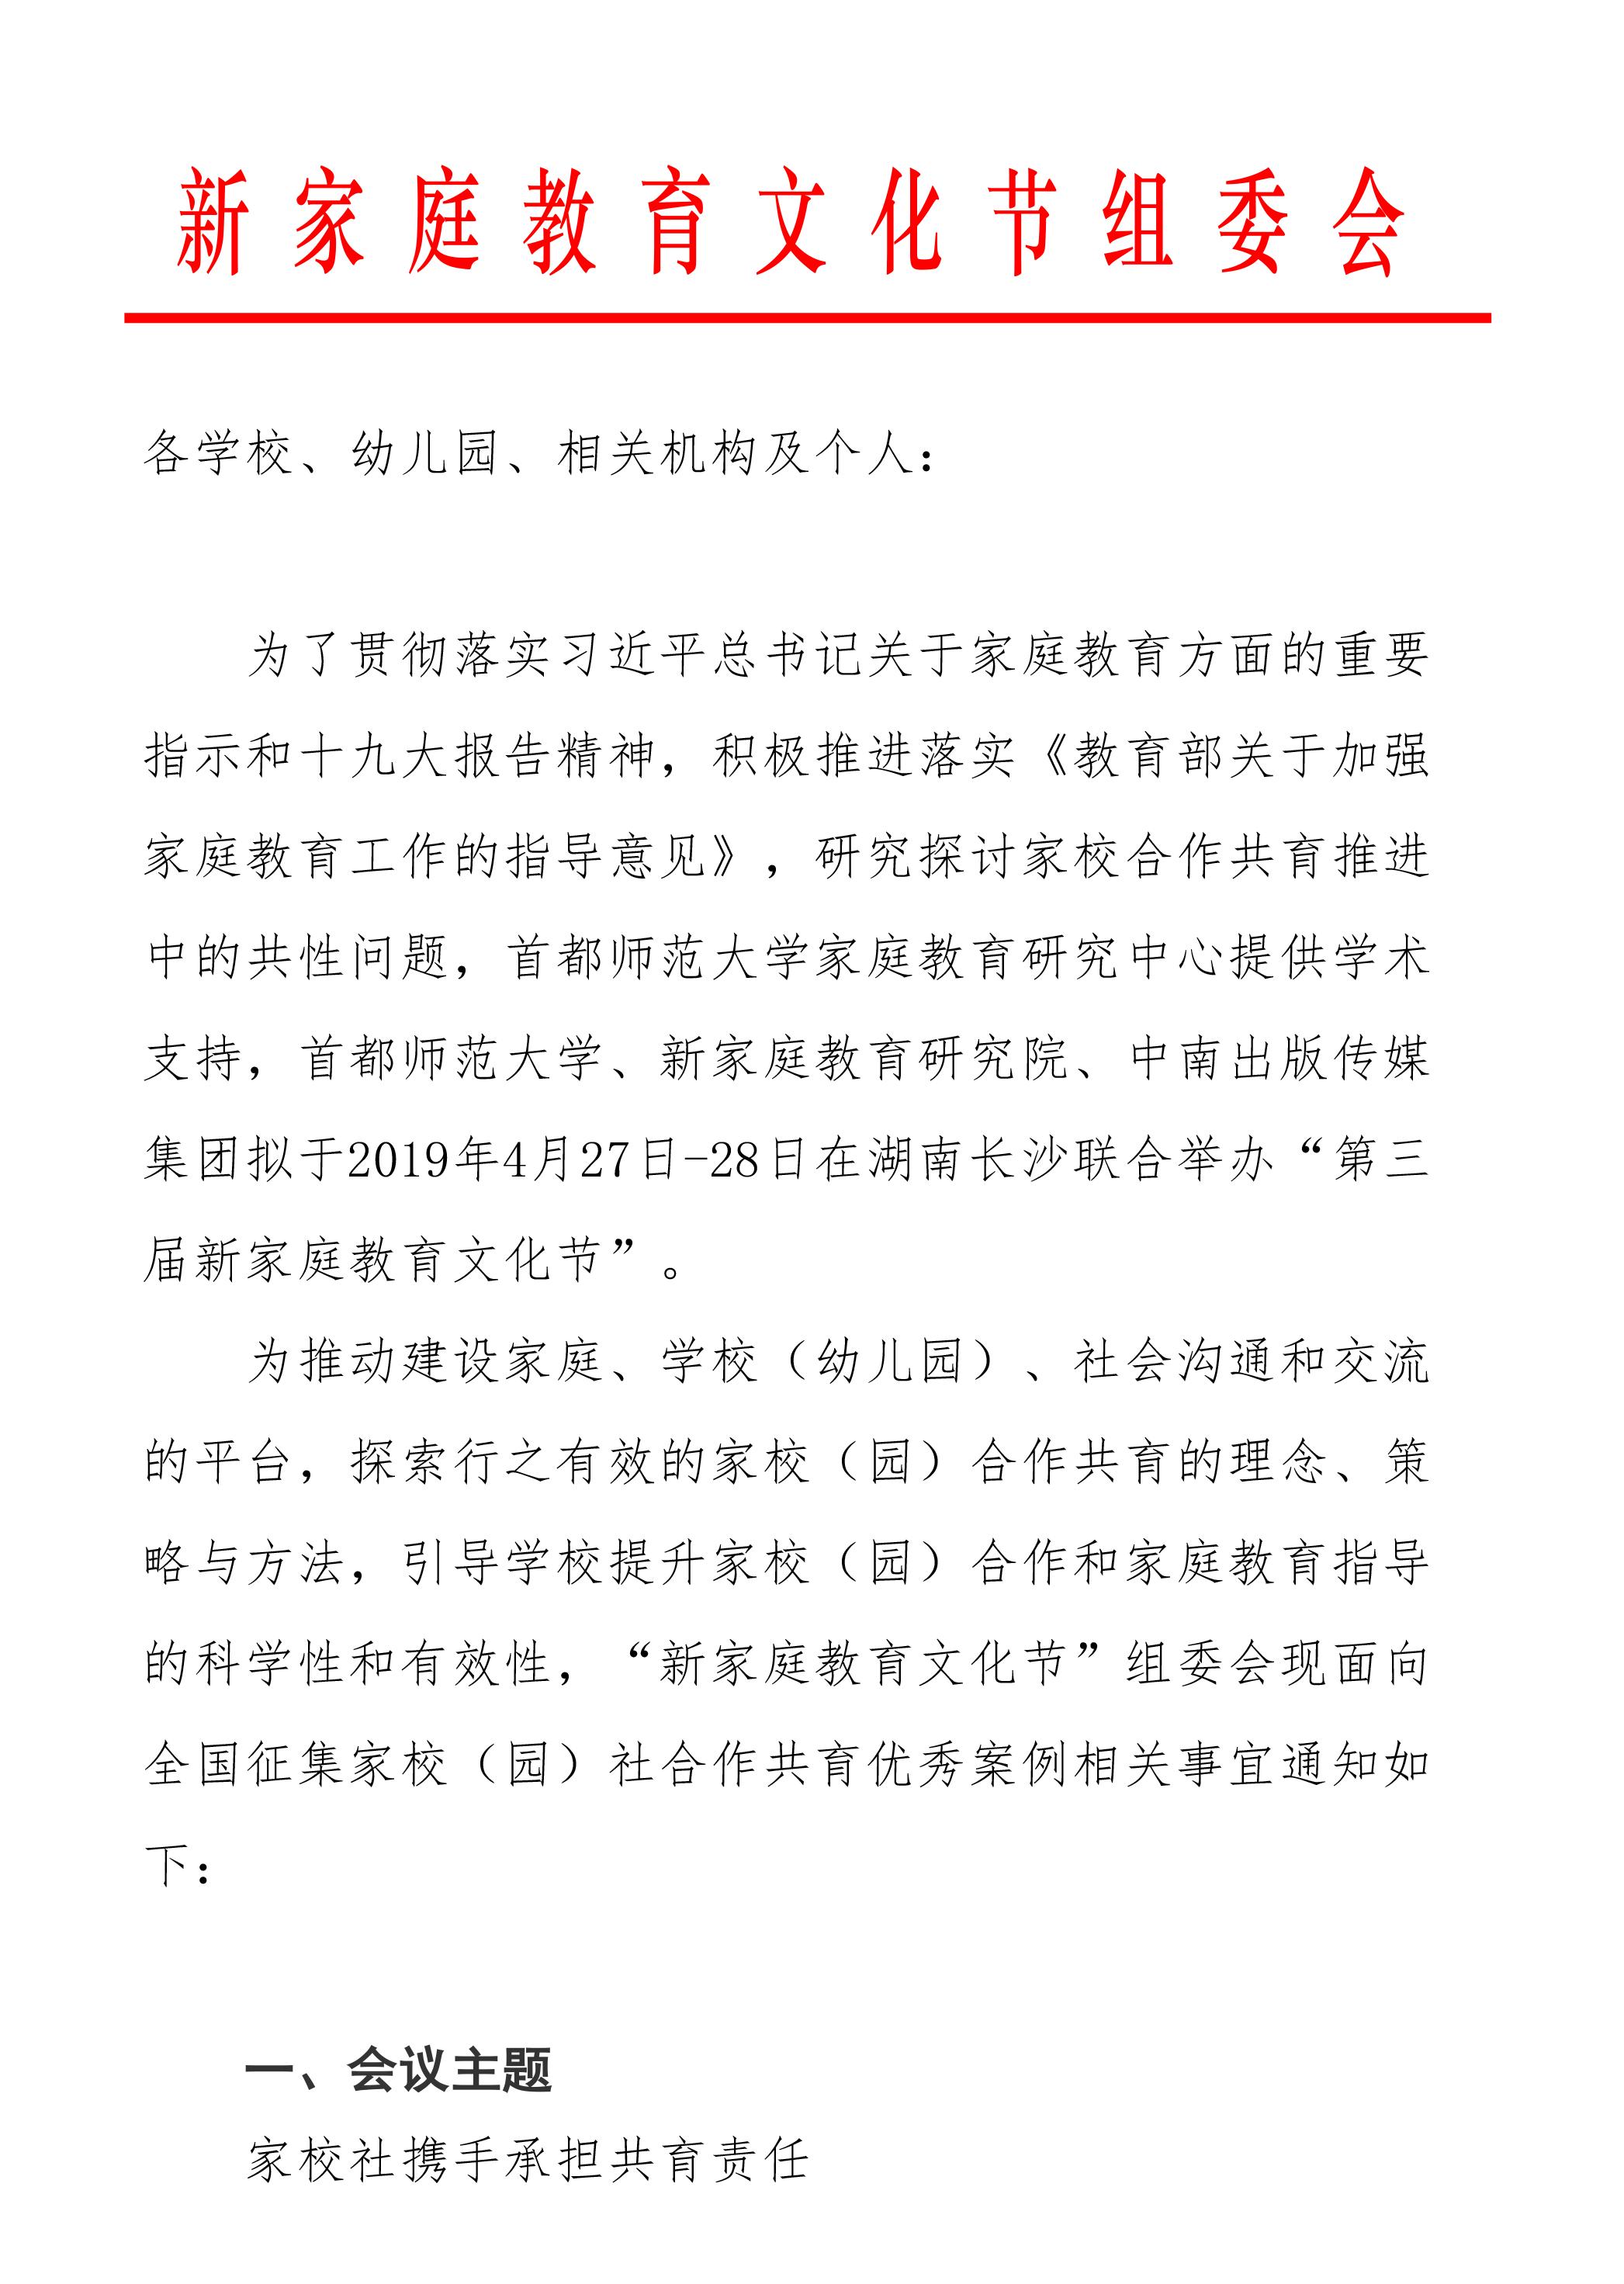 关于家校社优秀案例征集的函-1(1).png